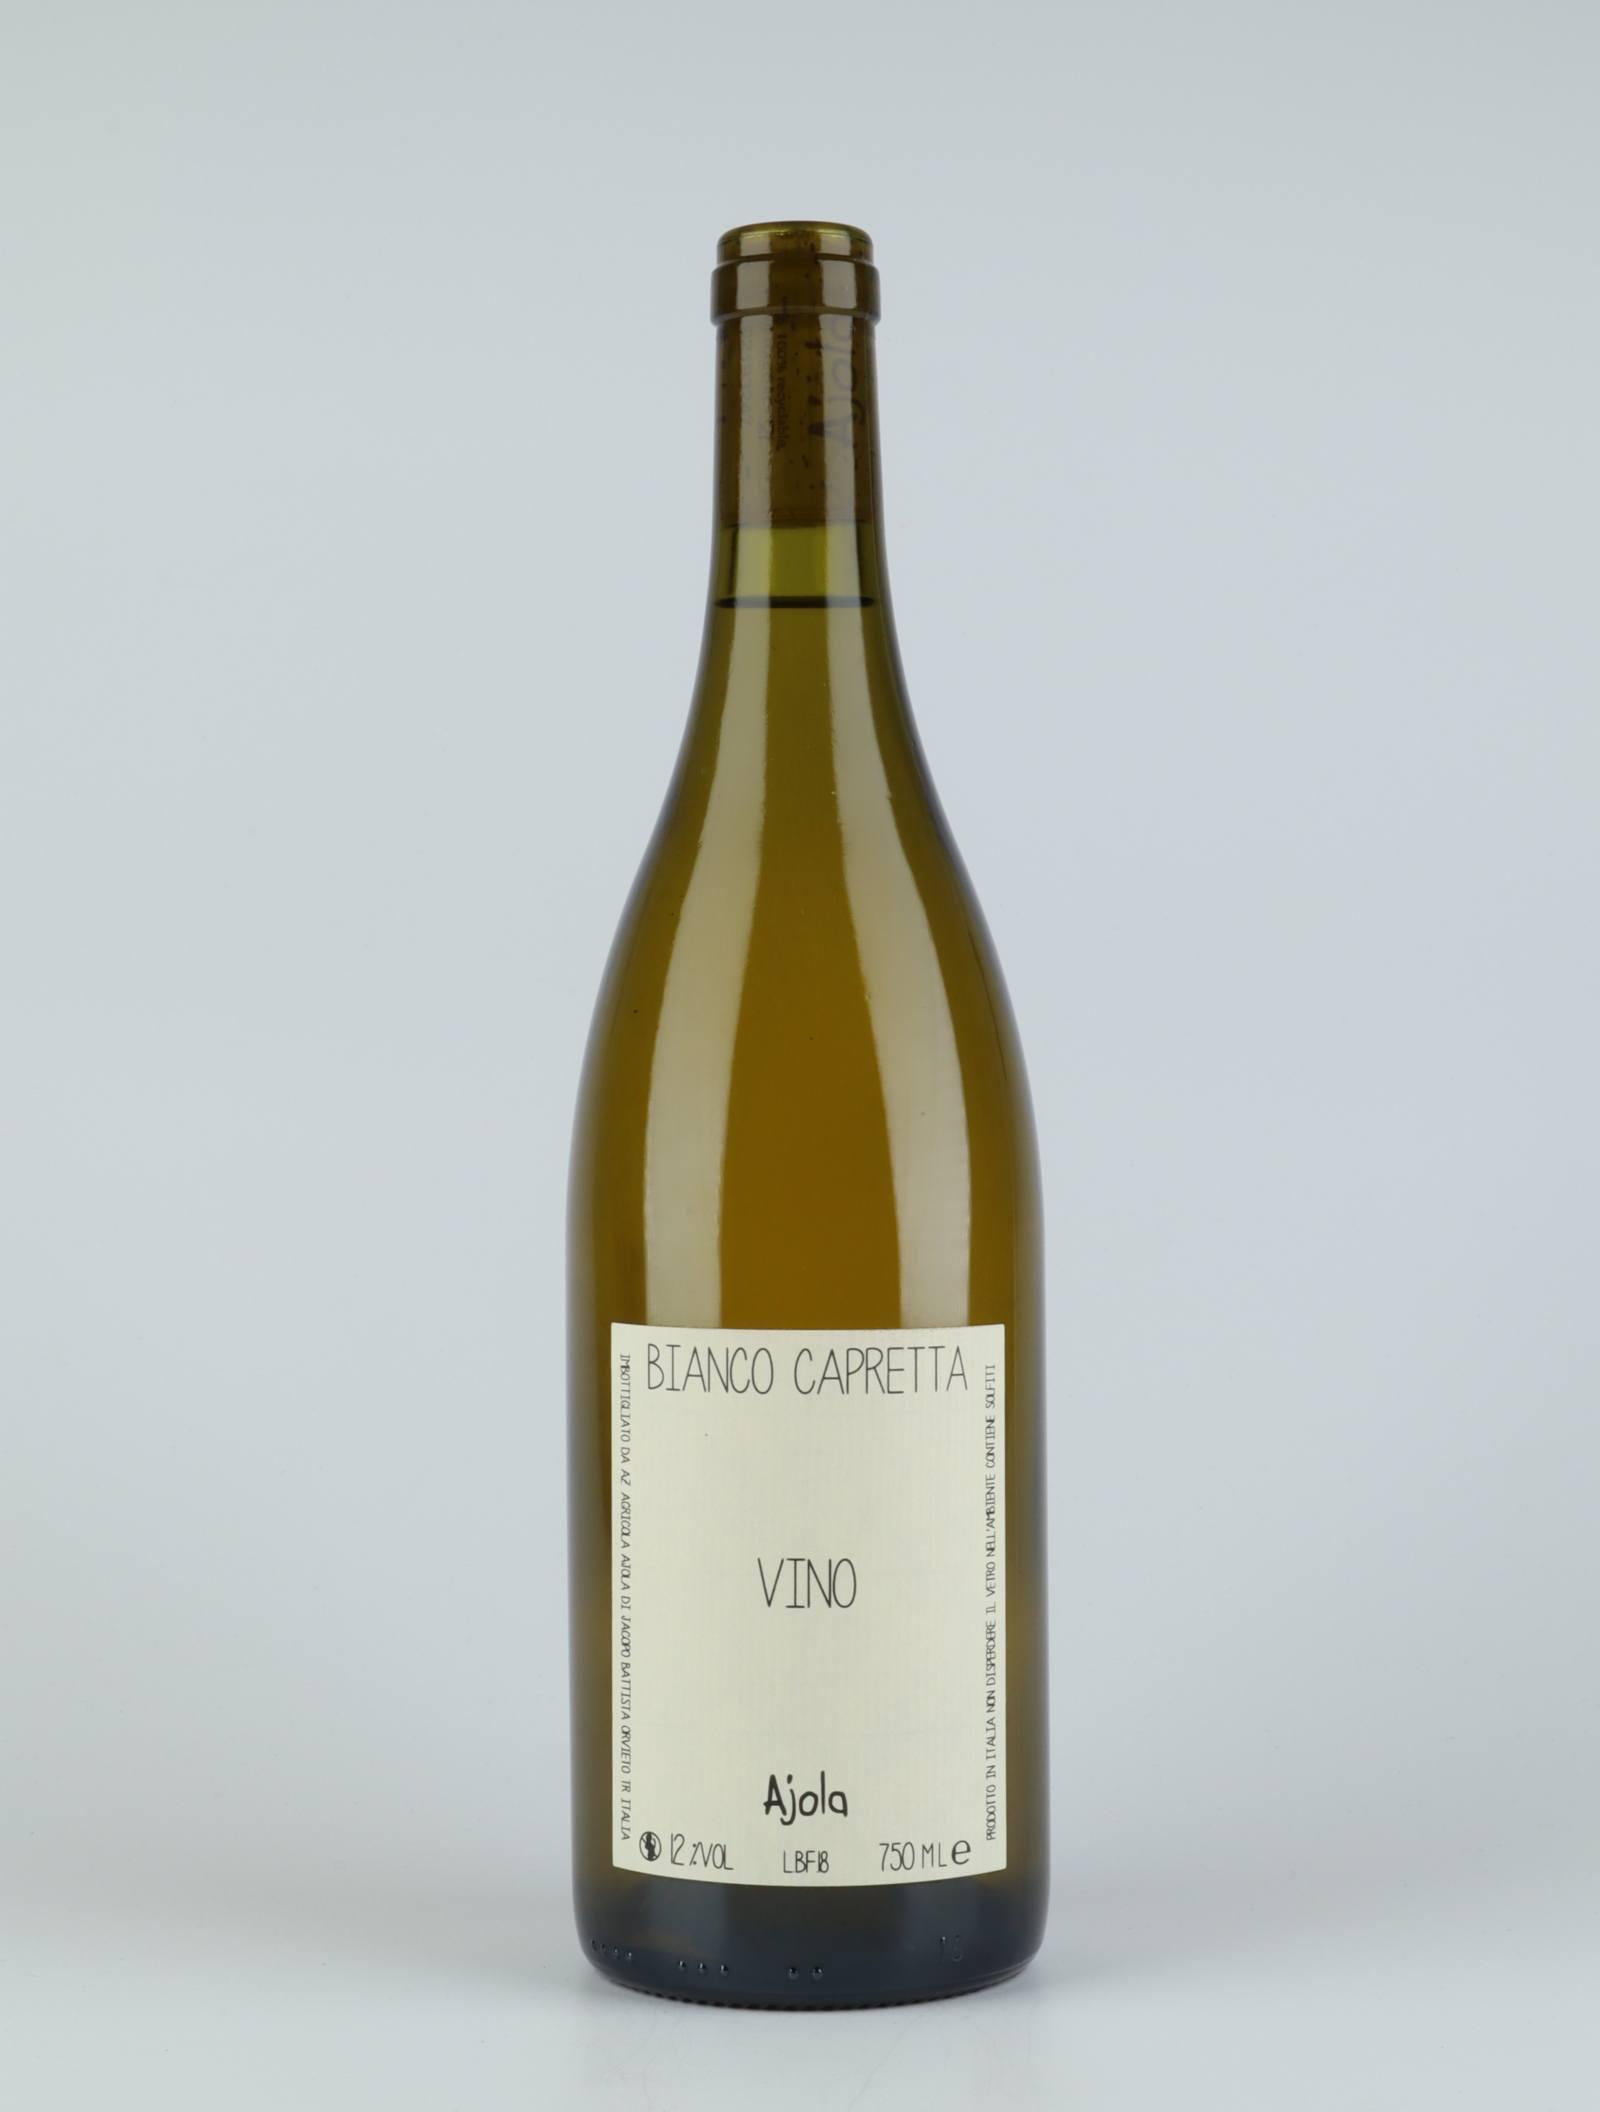 Vino Bianco Capretta